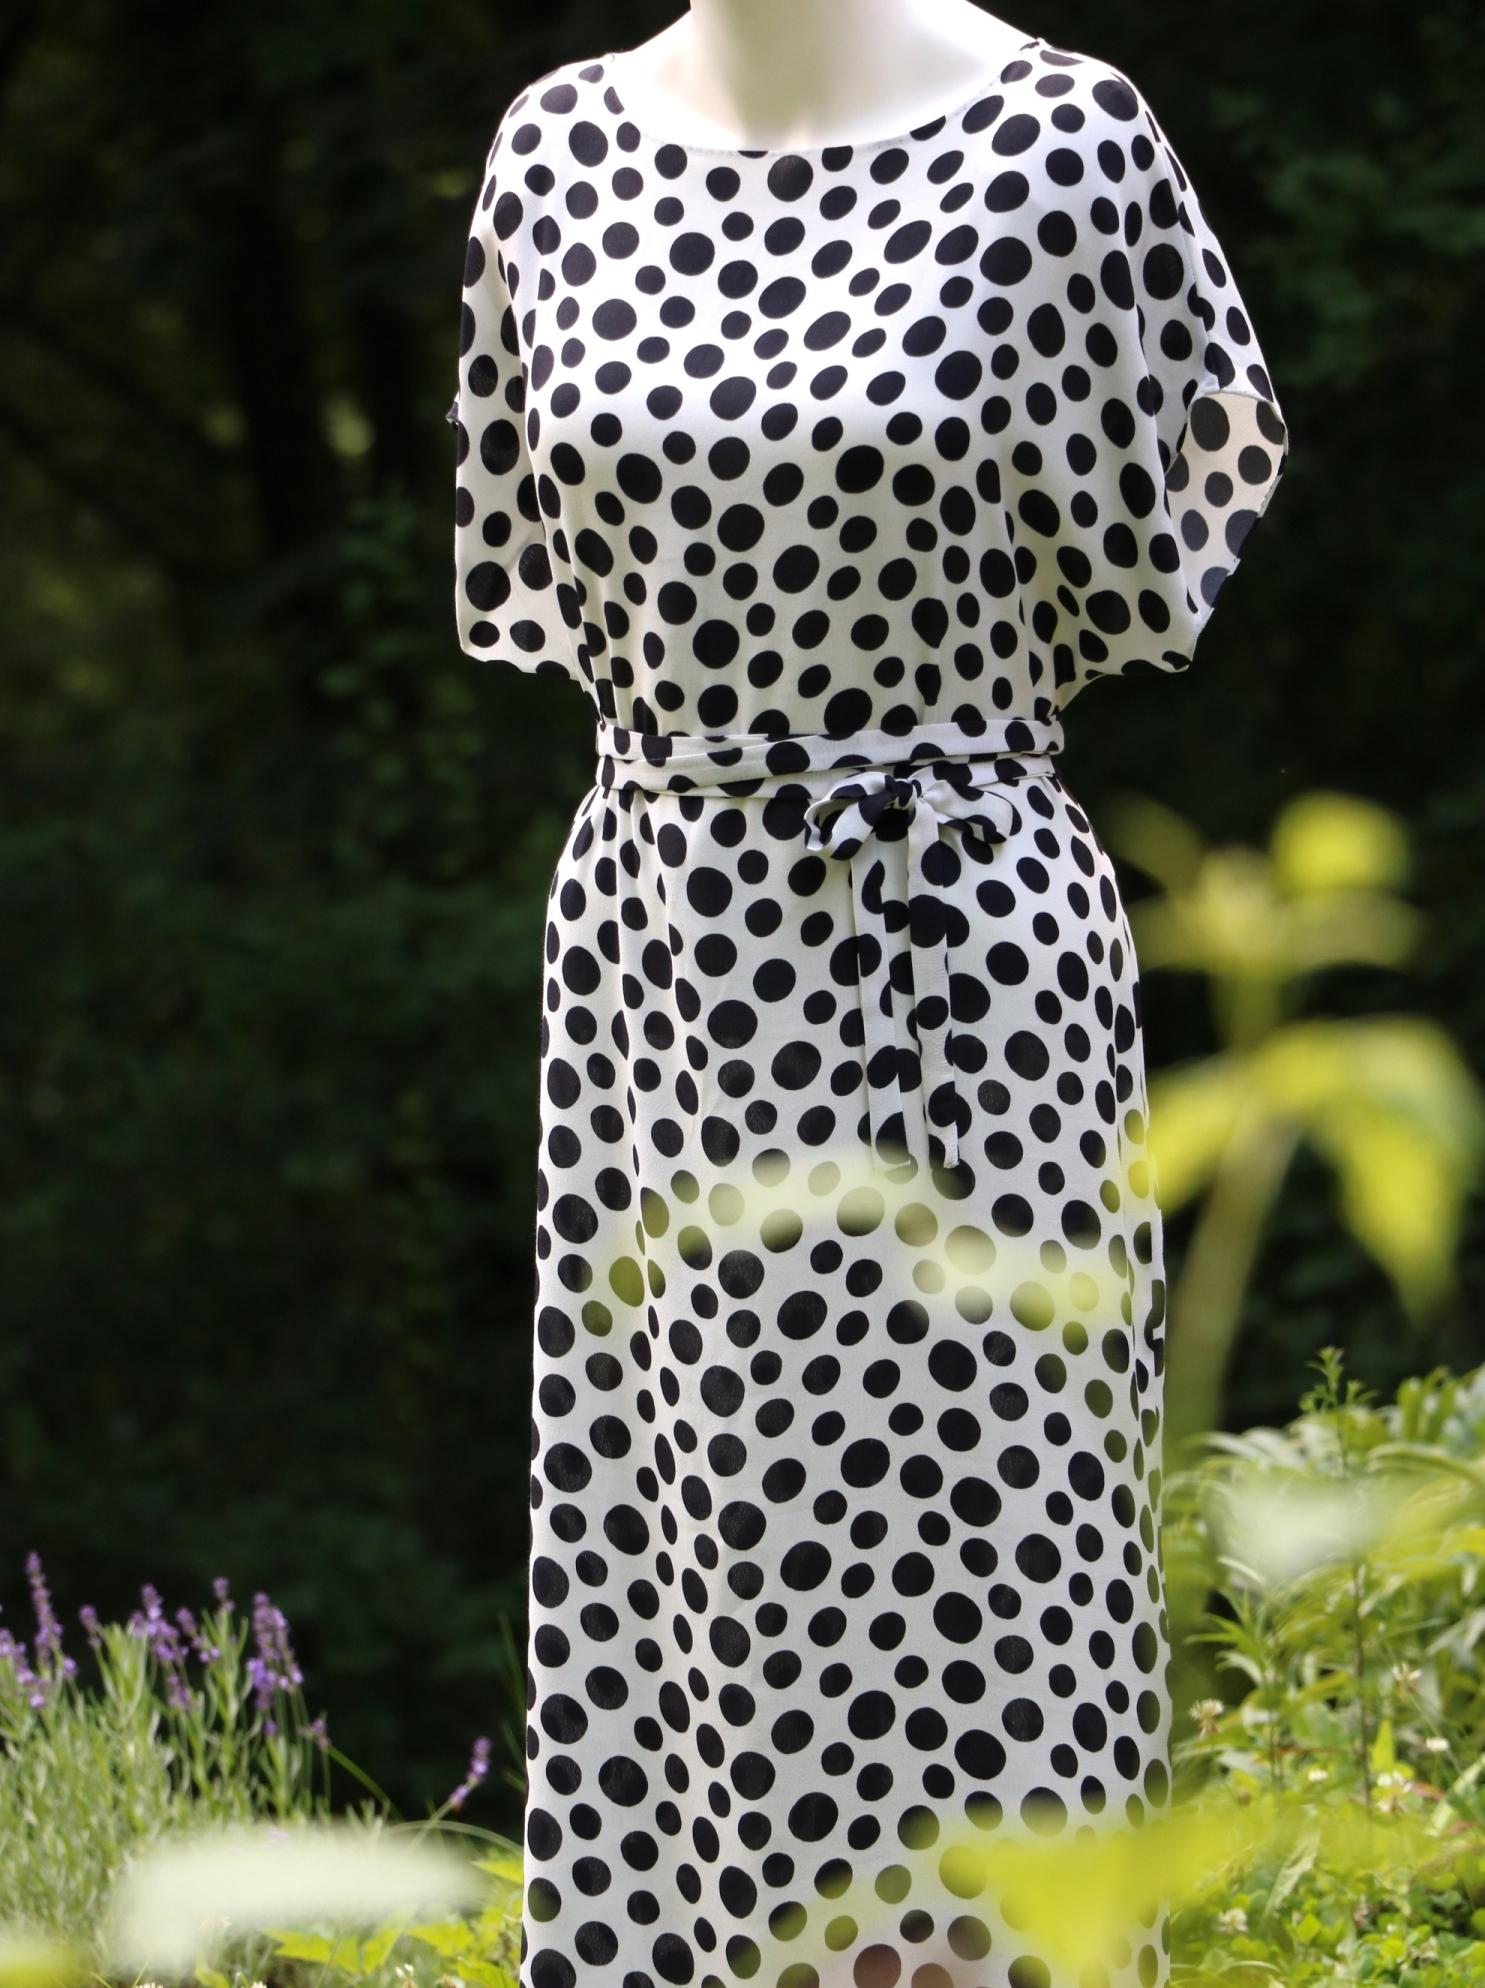 Světlé šaty sčernými puntíky